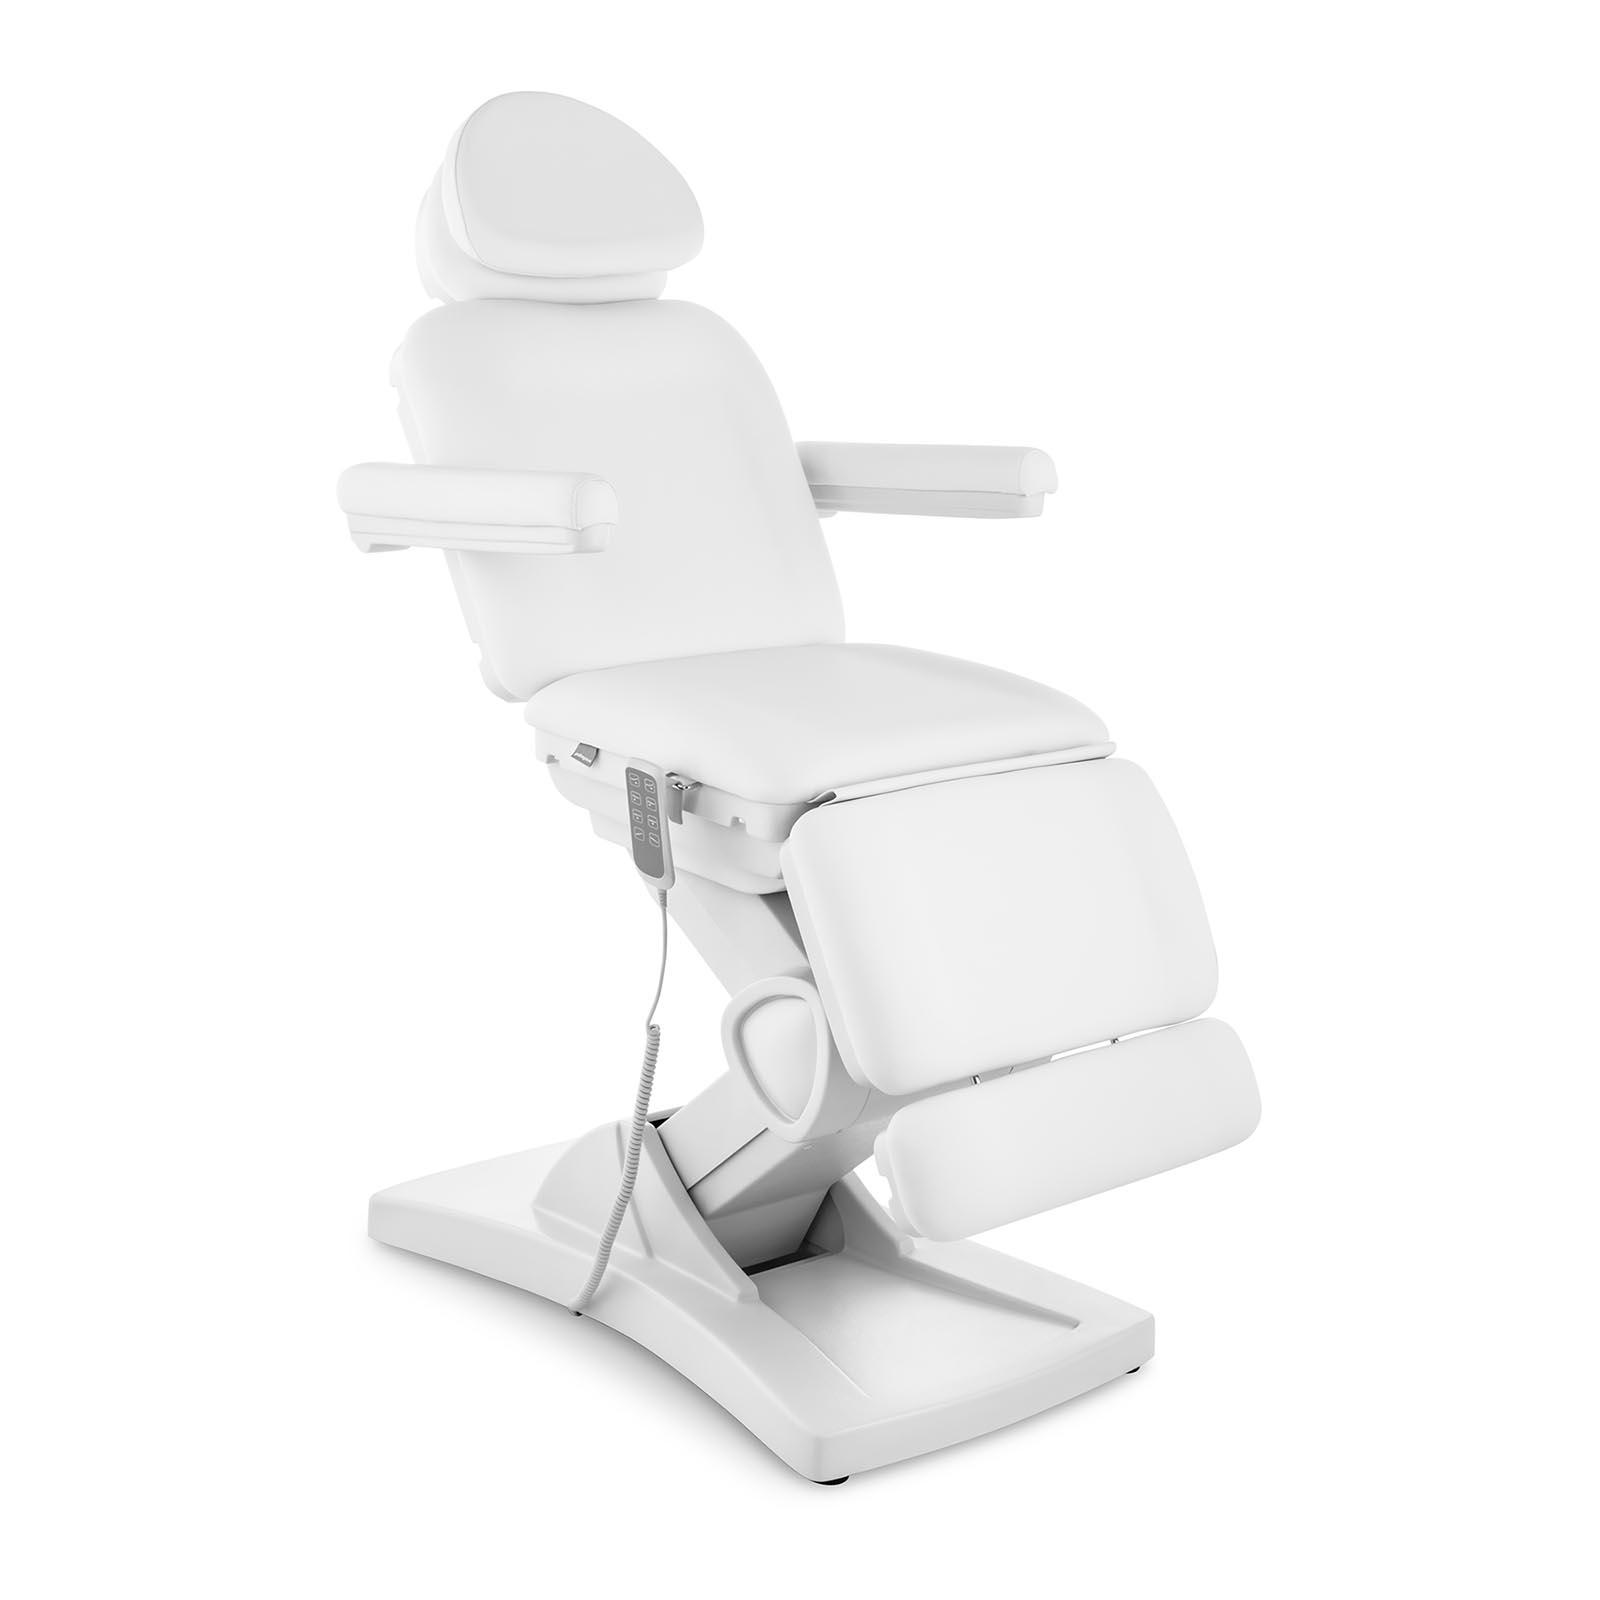 Fotel kosmetyczny Physa Bolzano - Biały